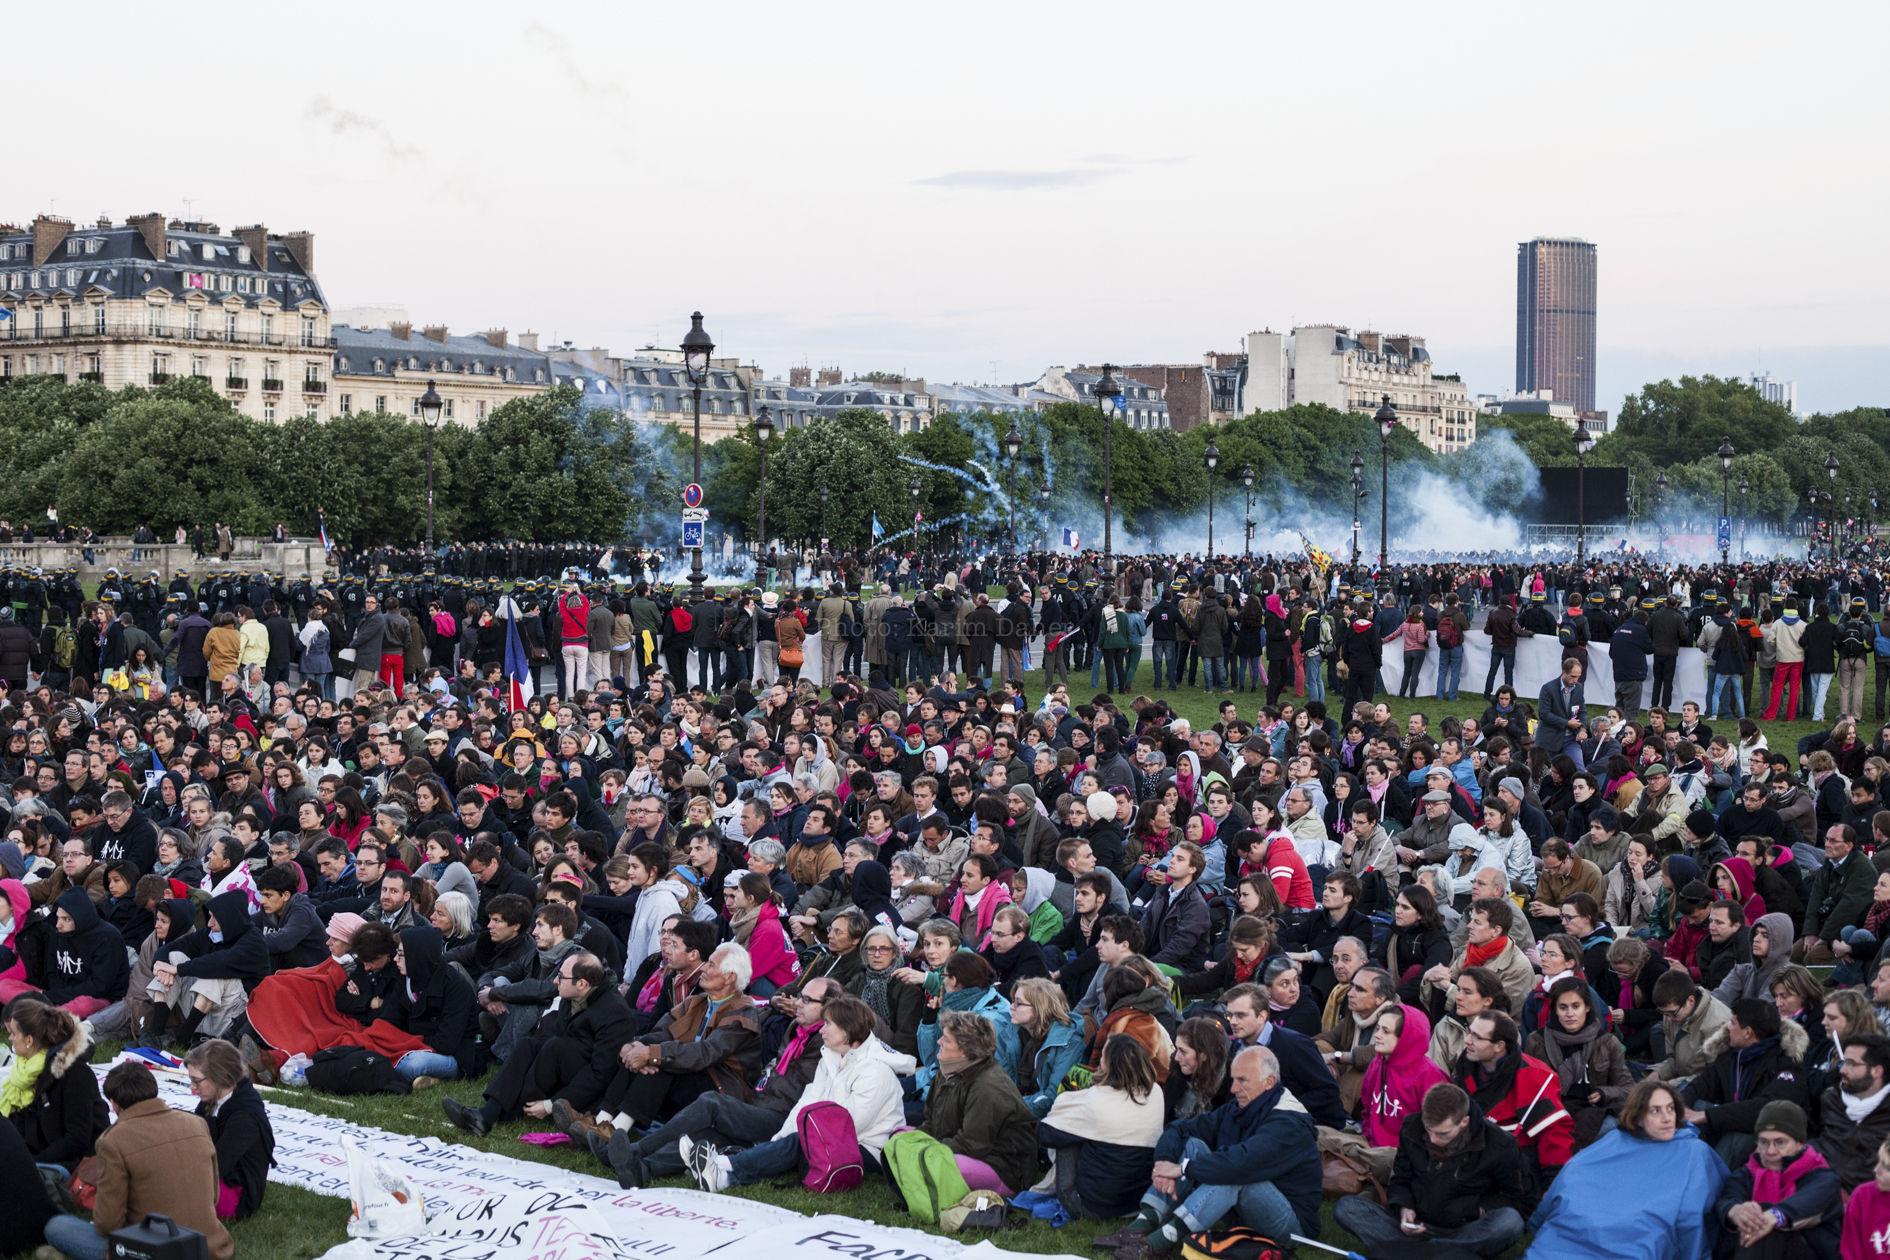 """Paris, Invalides, 26 Mai 2013. Après la dispersion de la manifestation contre la """"Loi Taubira"""", des """"veilleurs"""" (opposants pacifiques à la loi)  écoutent des orateurs alors que des affrontements ont lieu aux alentours, dans des nuages de gaz lacrymogène."""